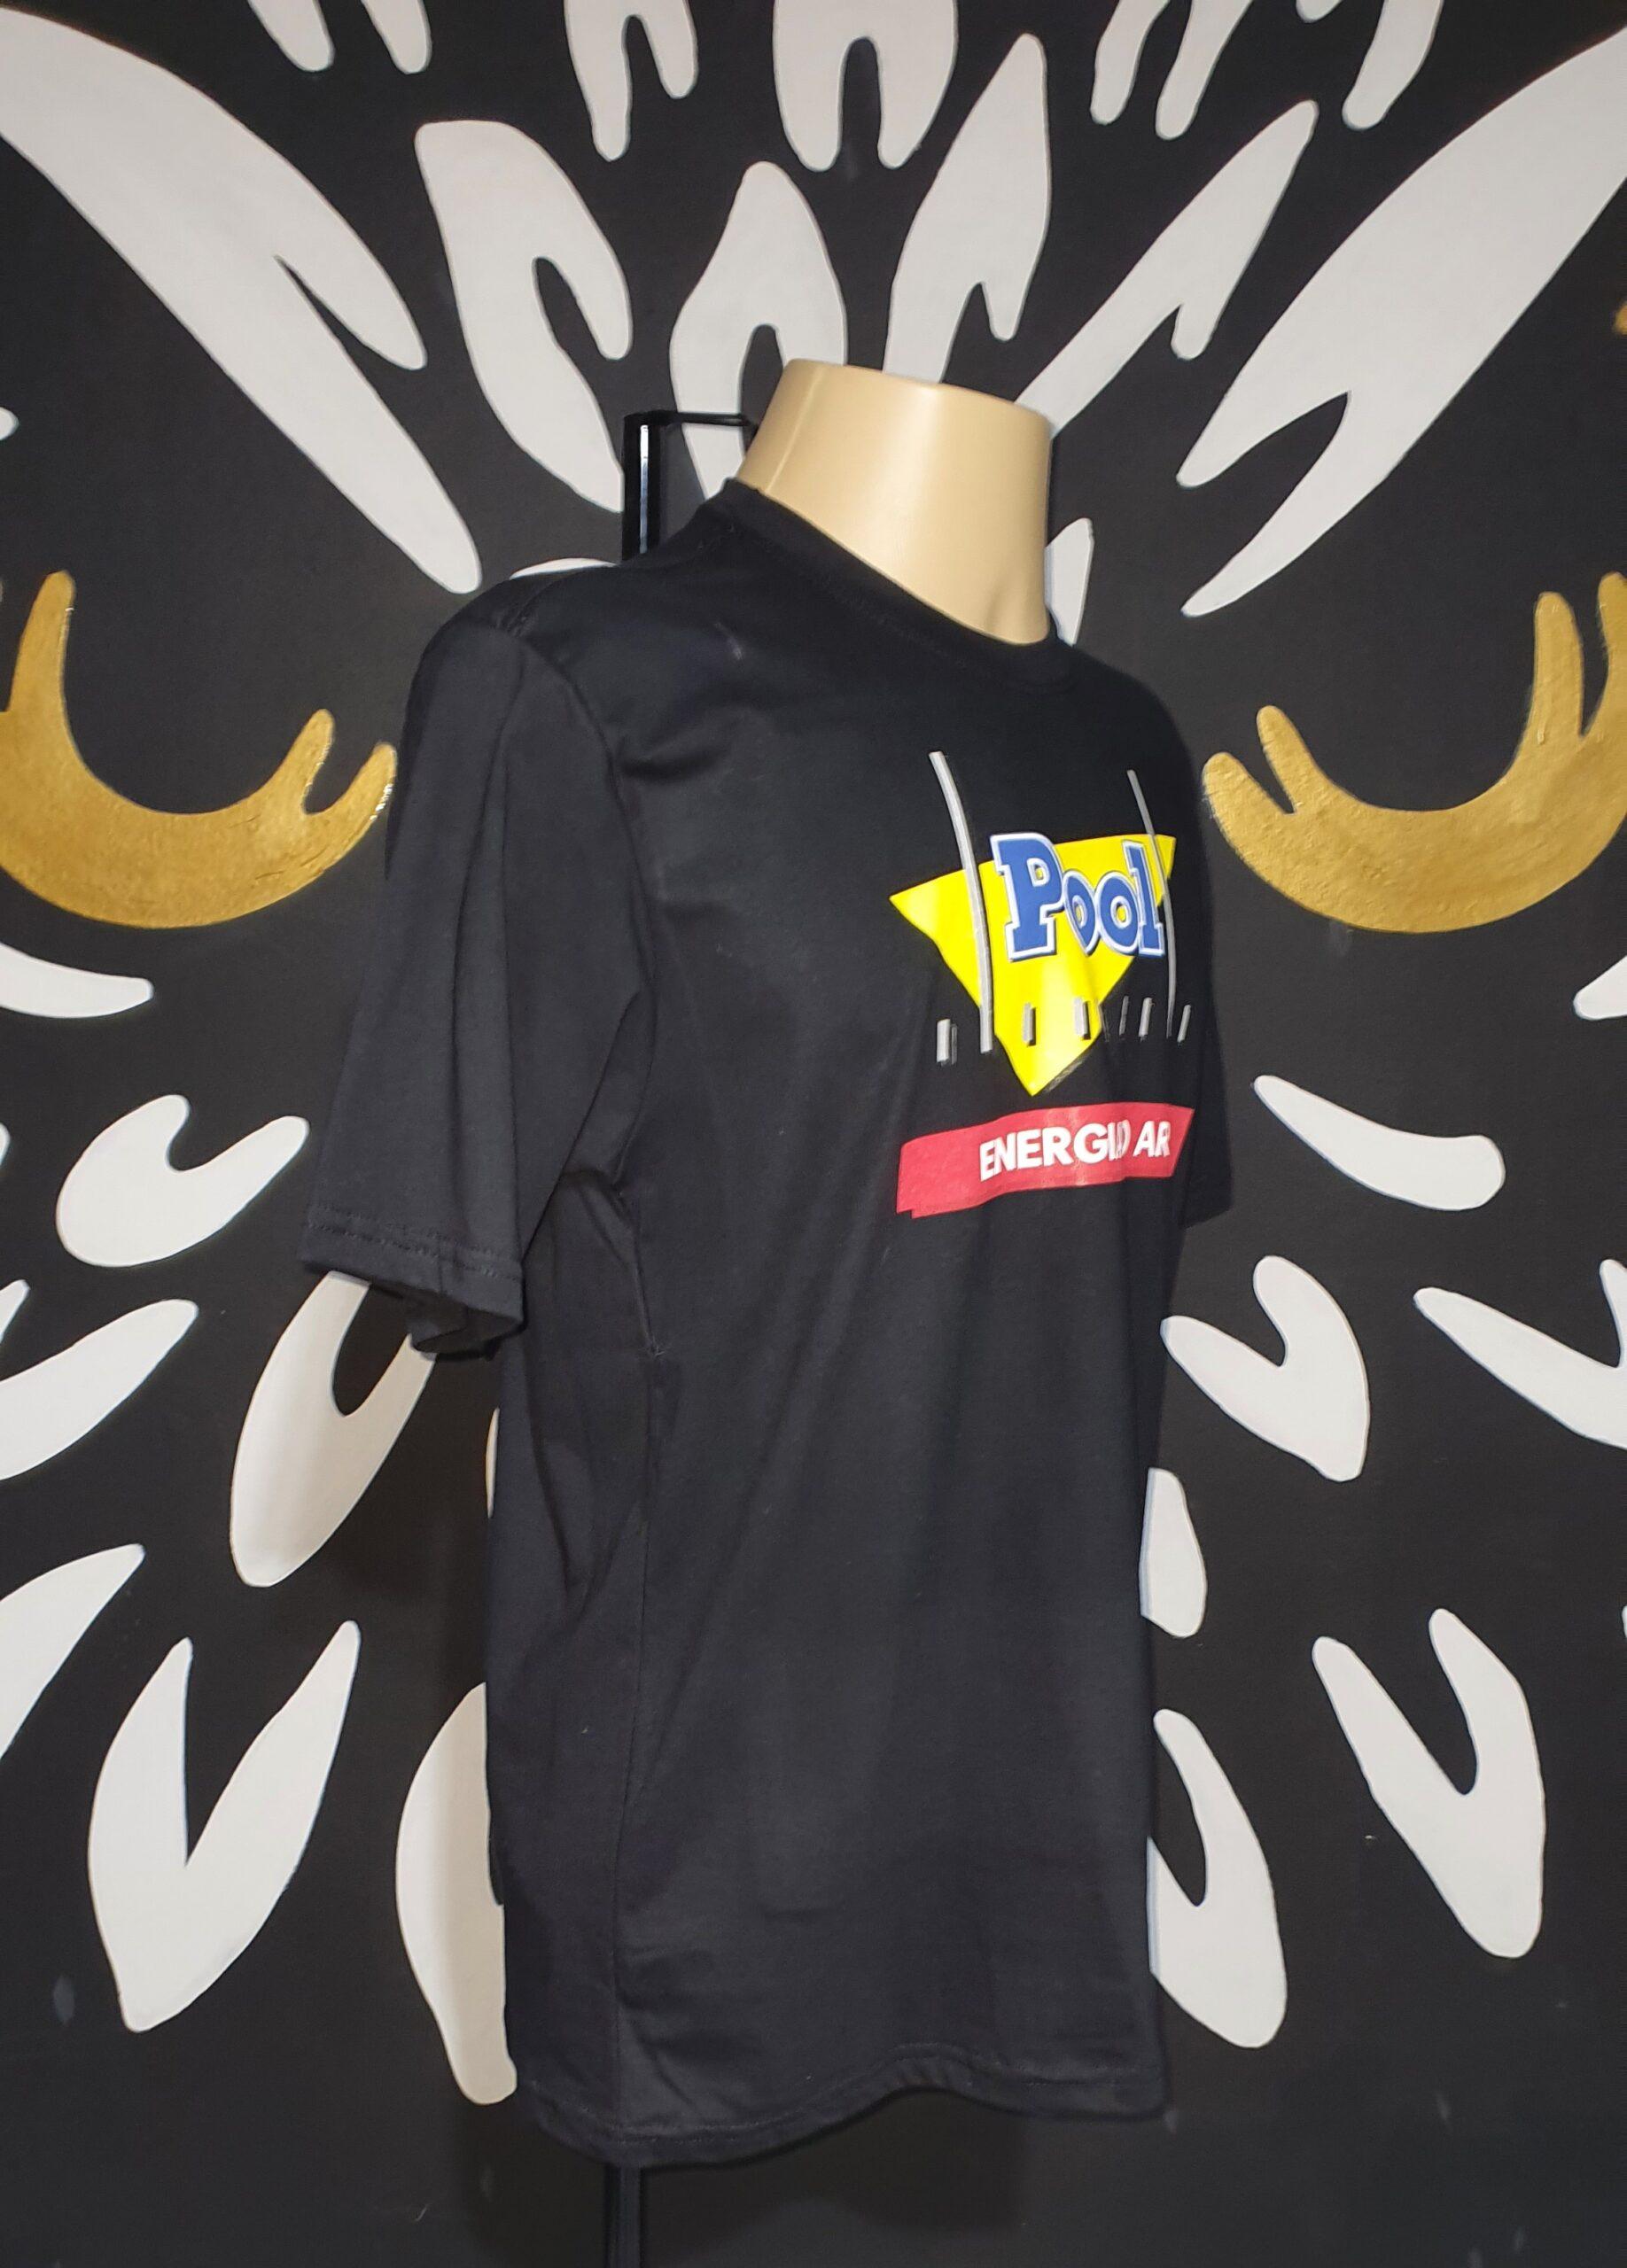 Camiseta POOL FM Energia no Ar by Bordado & Cia - @bordado.cia; @poolfm